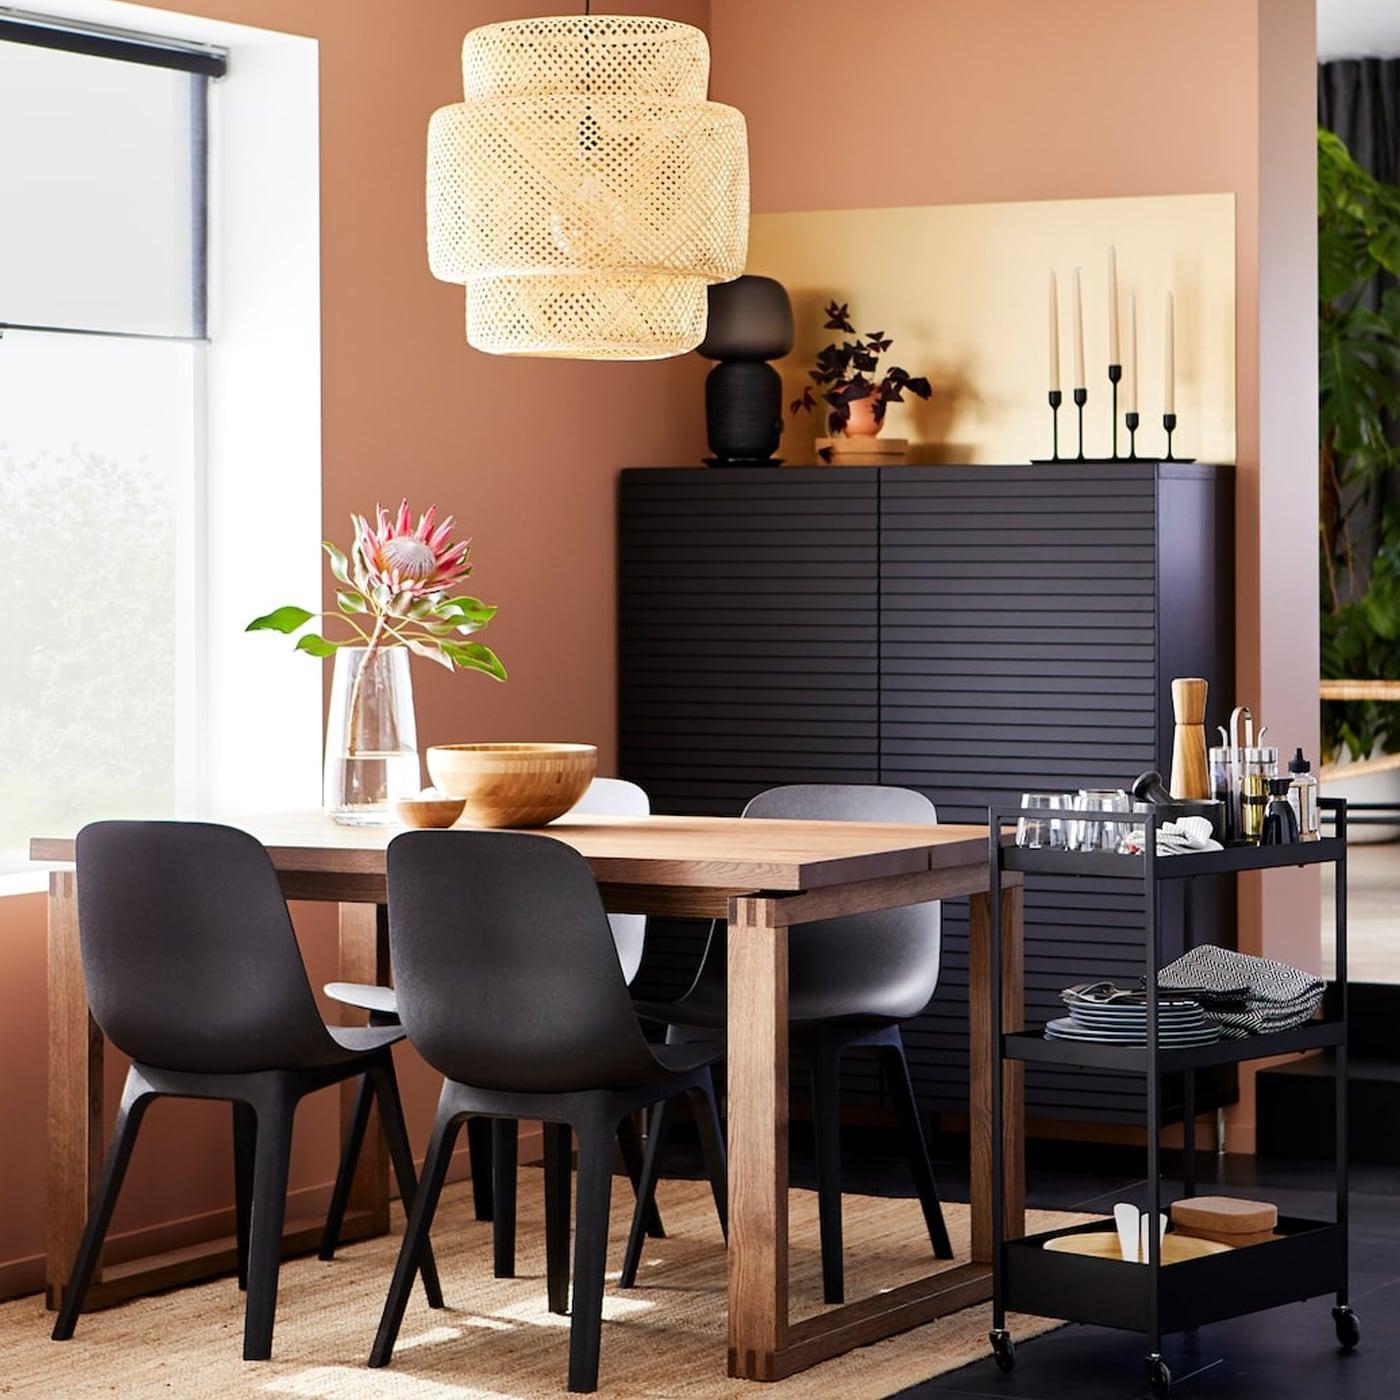 Massivholz Esstisch Mit Stühlen Modern